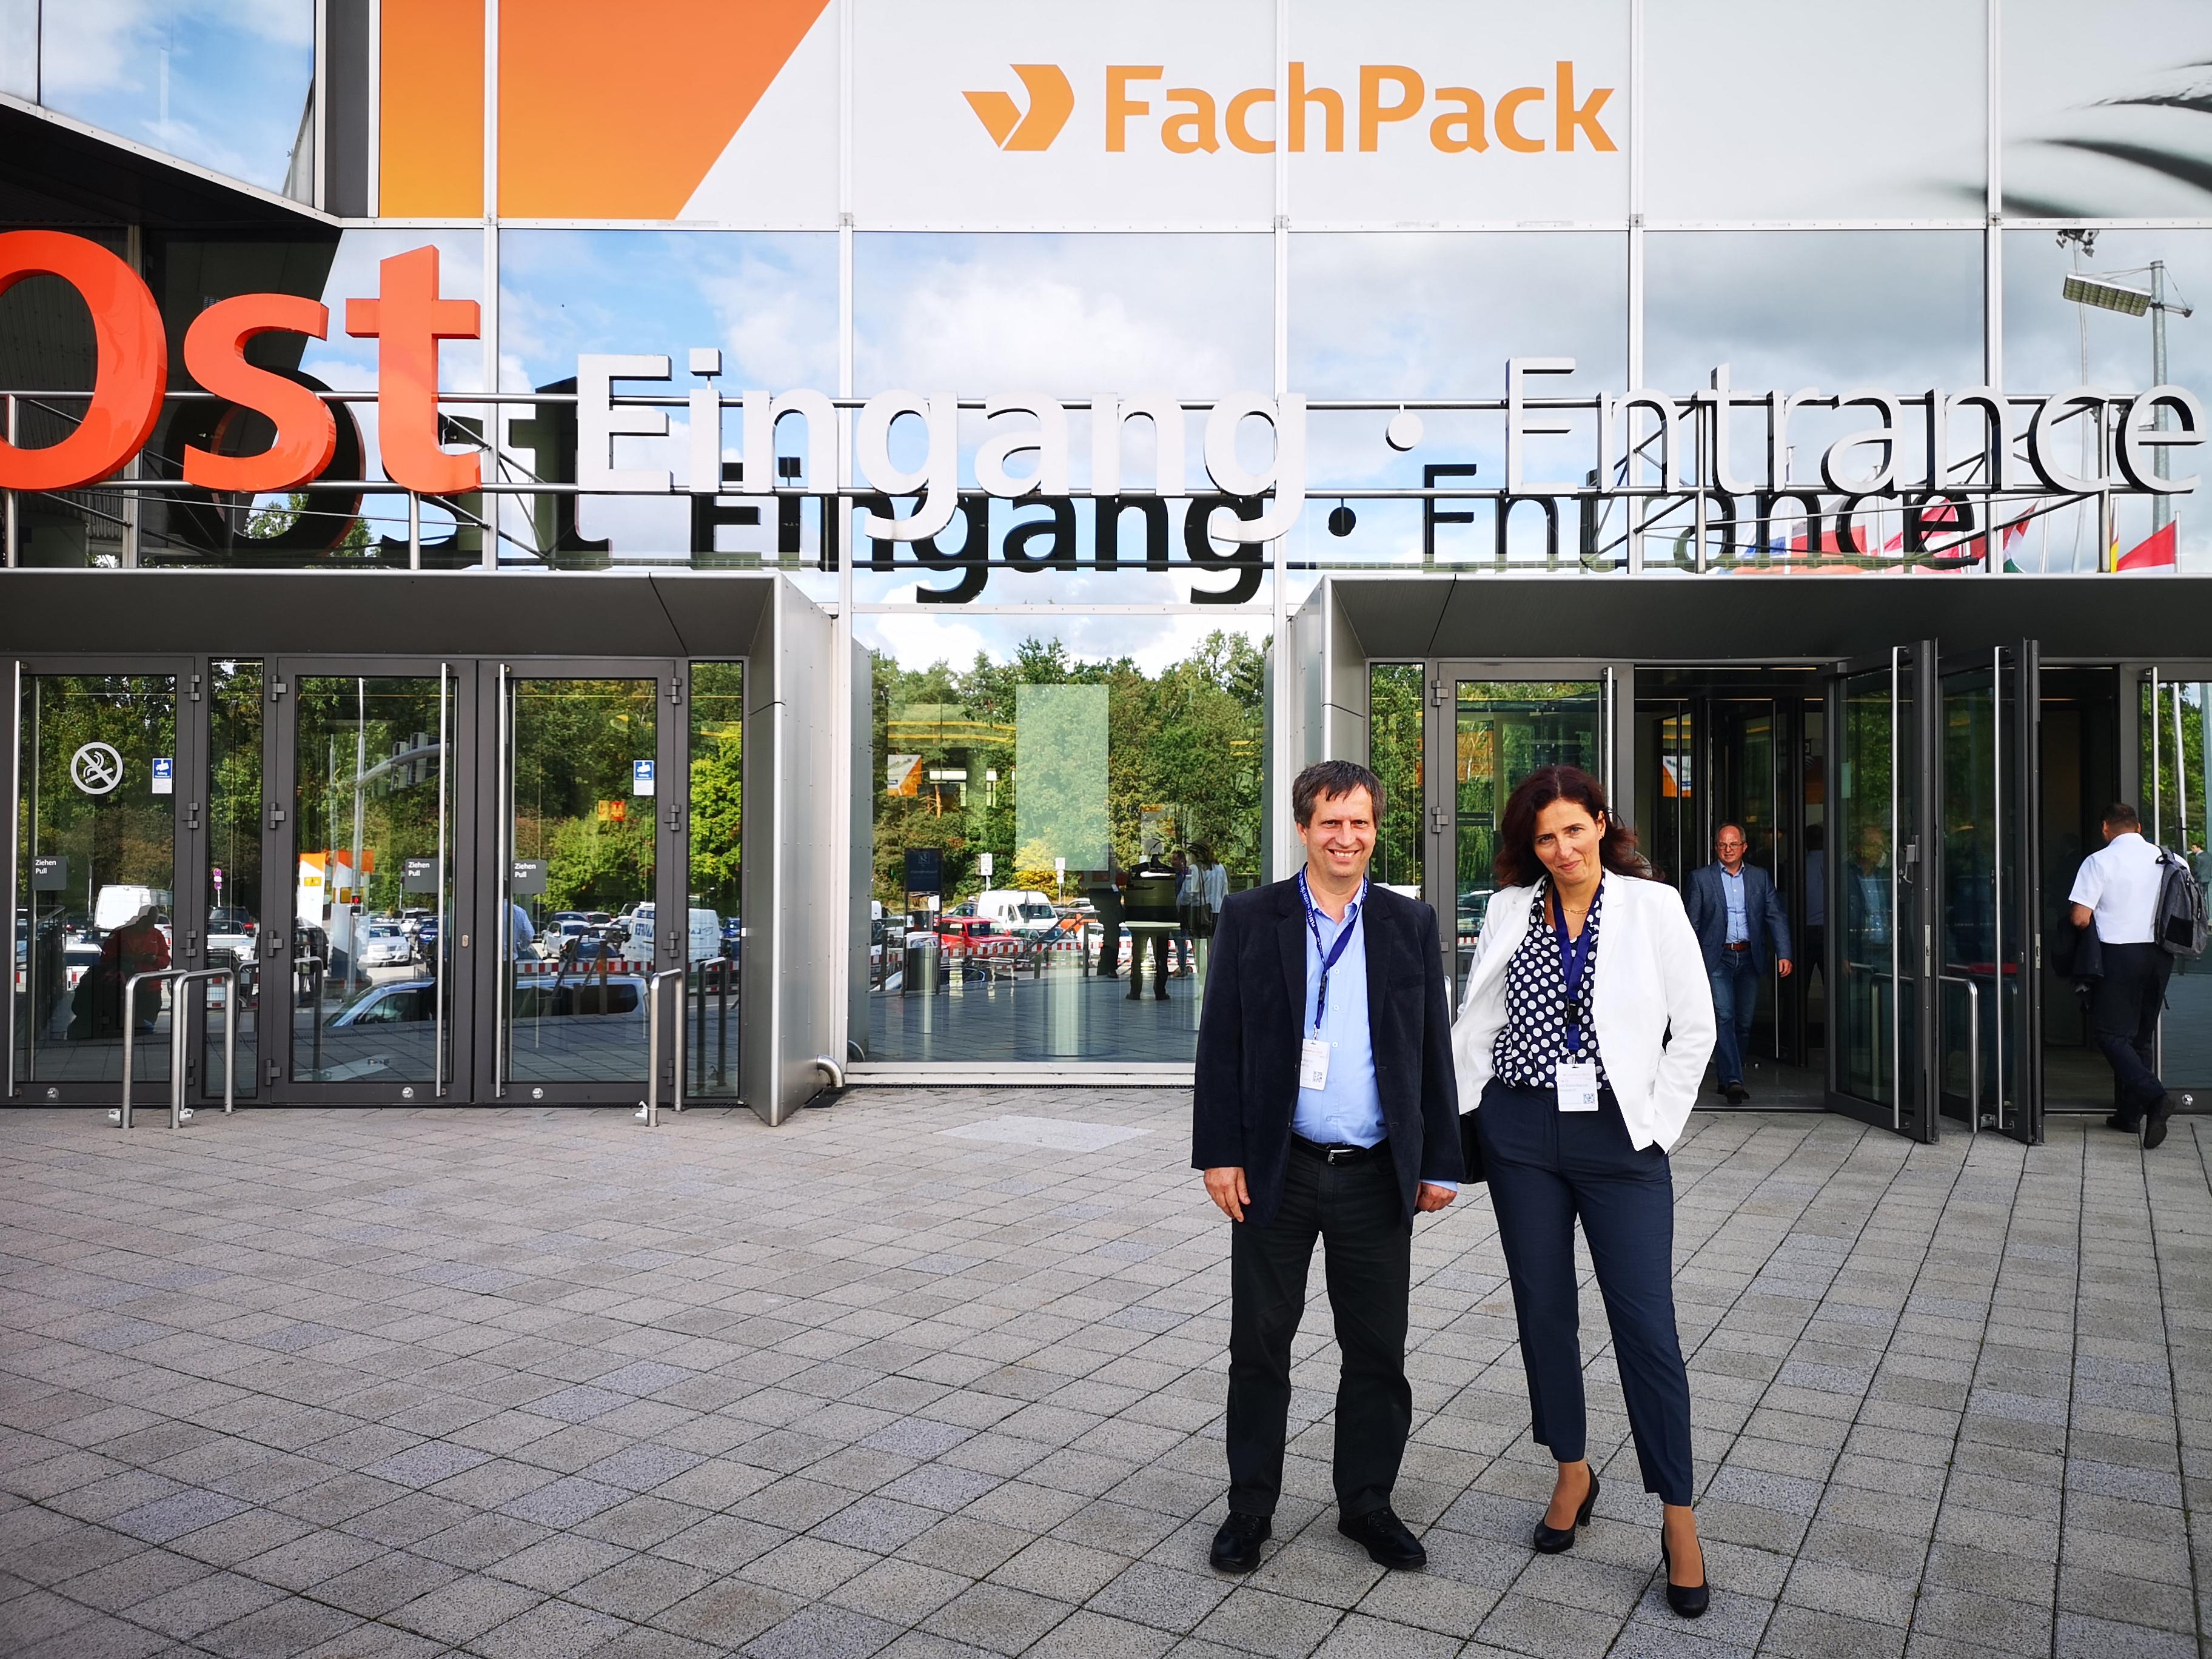 FachPack kiállítás 2019